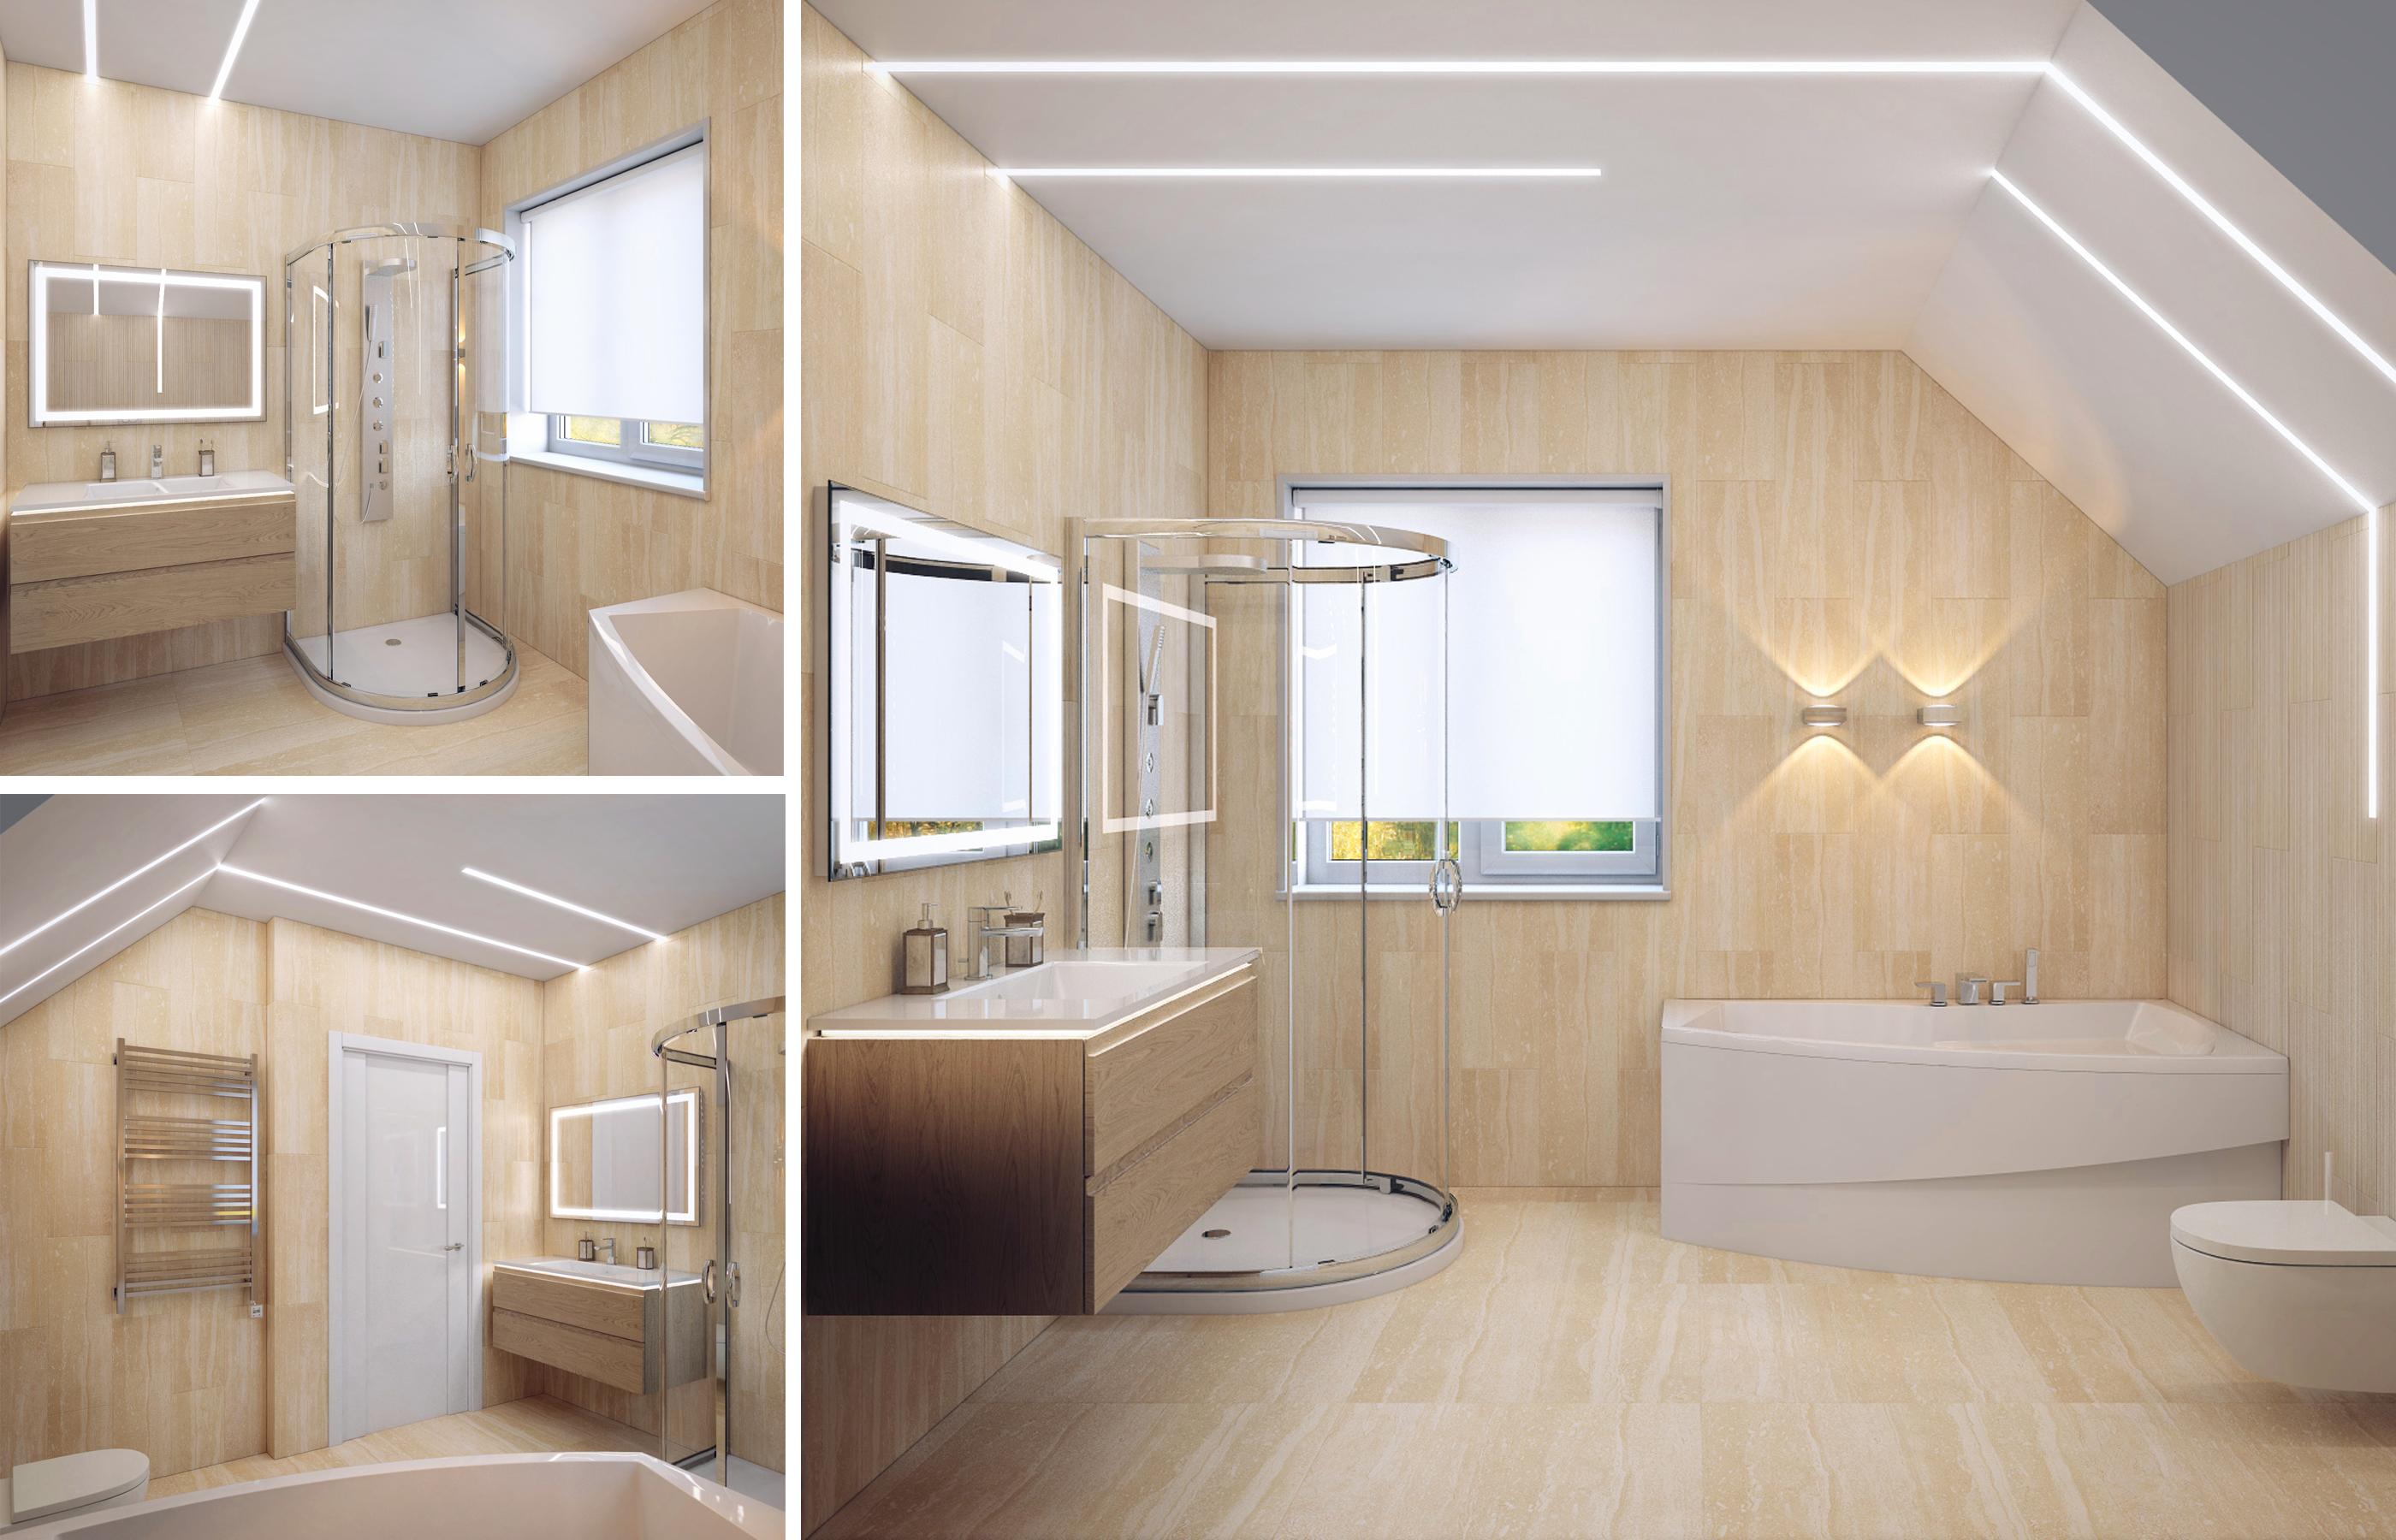 Дизайн интерьера ванной комнаты с мансардным потолком